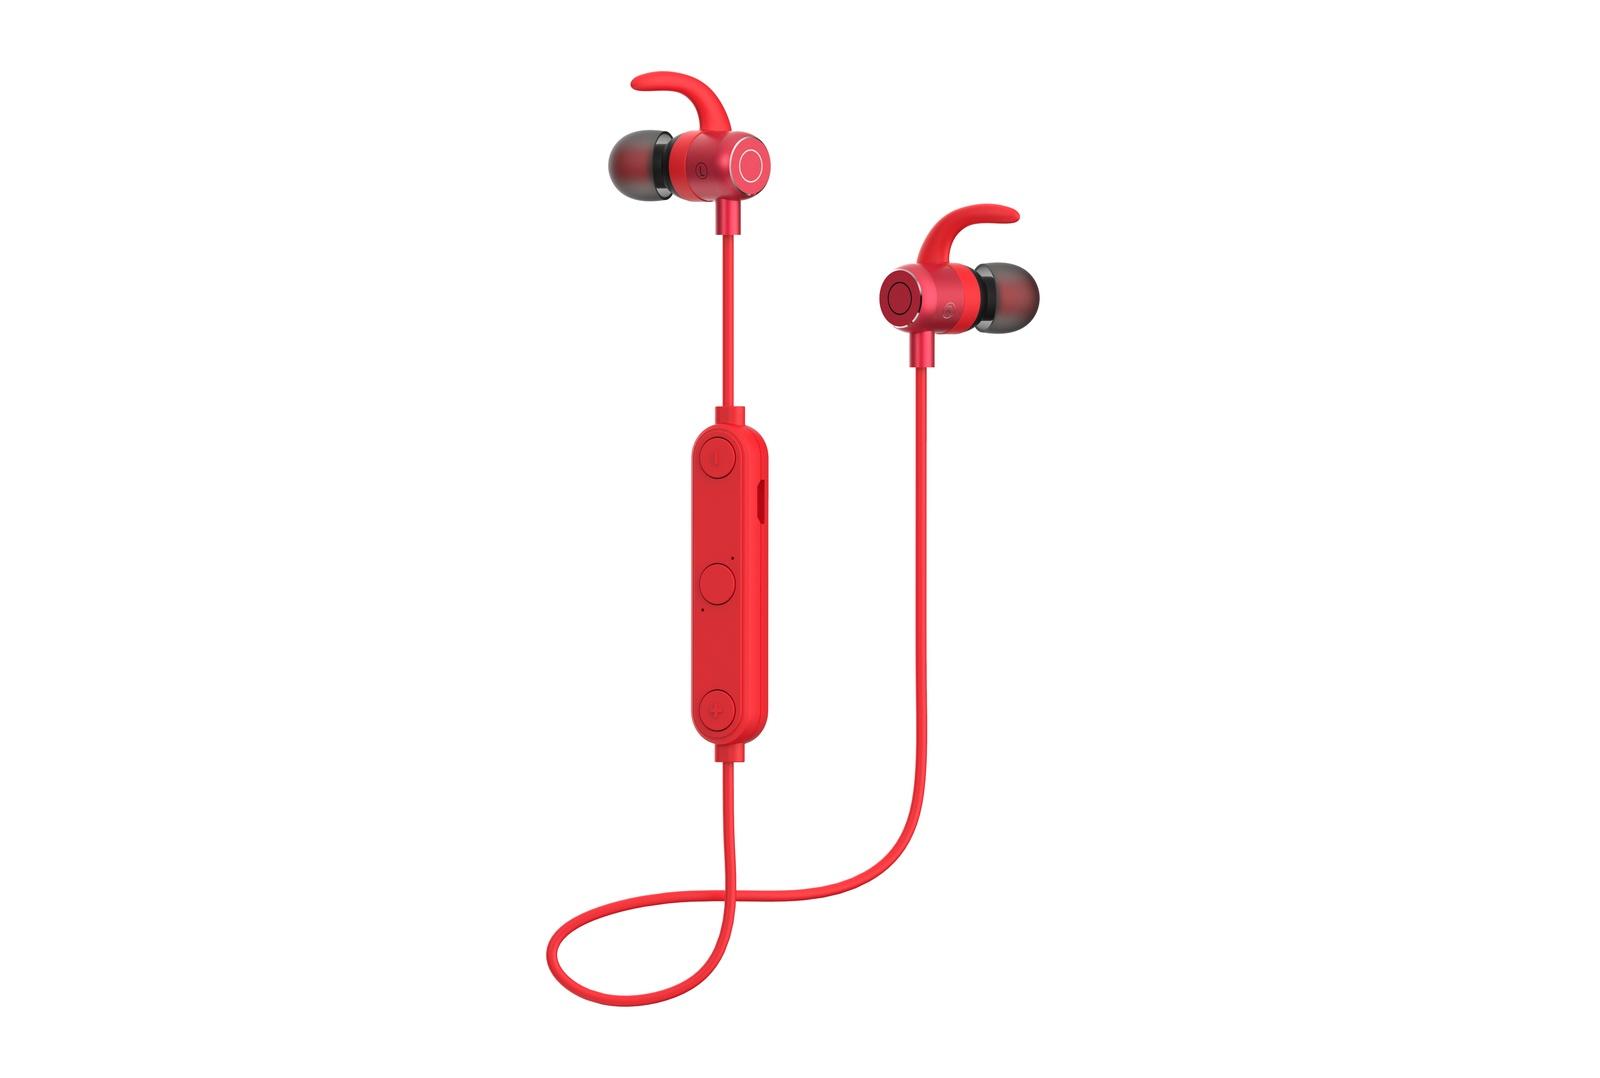 Беспроводные наушники Boosm series Bluetooth dual-earphone(EM035) black